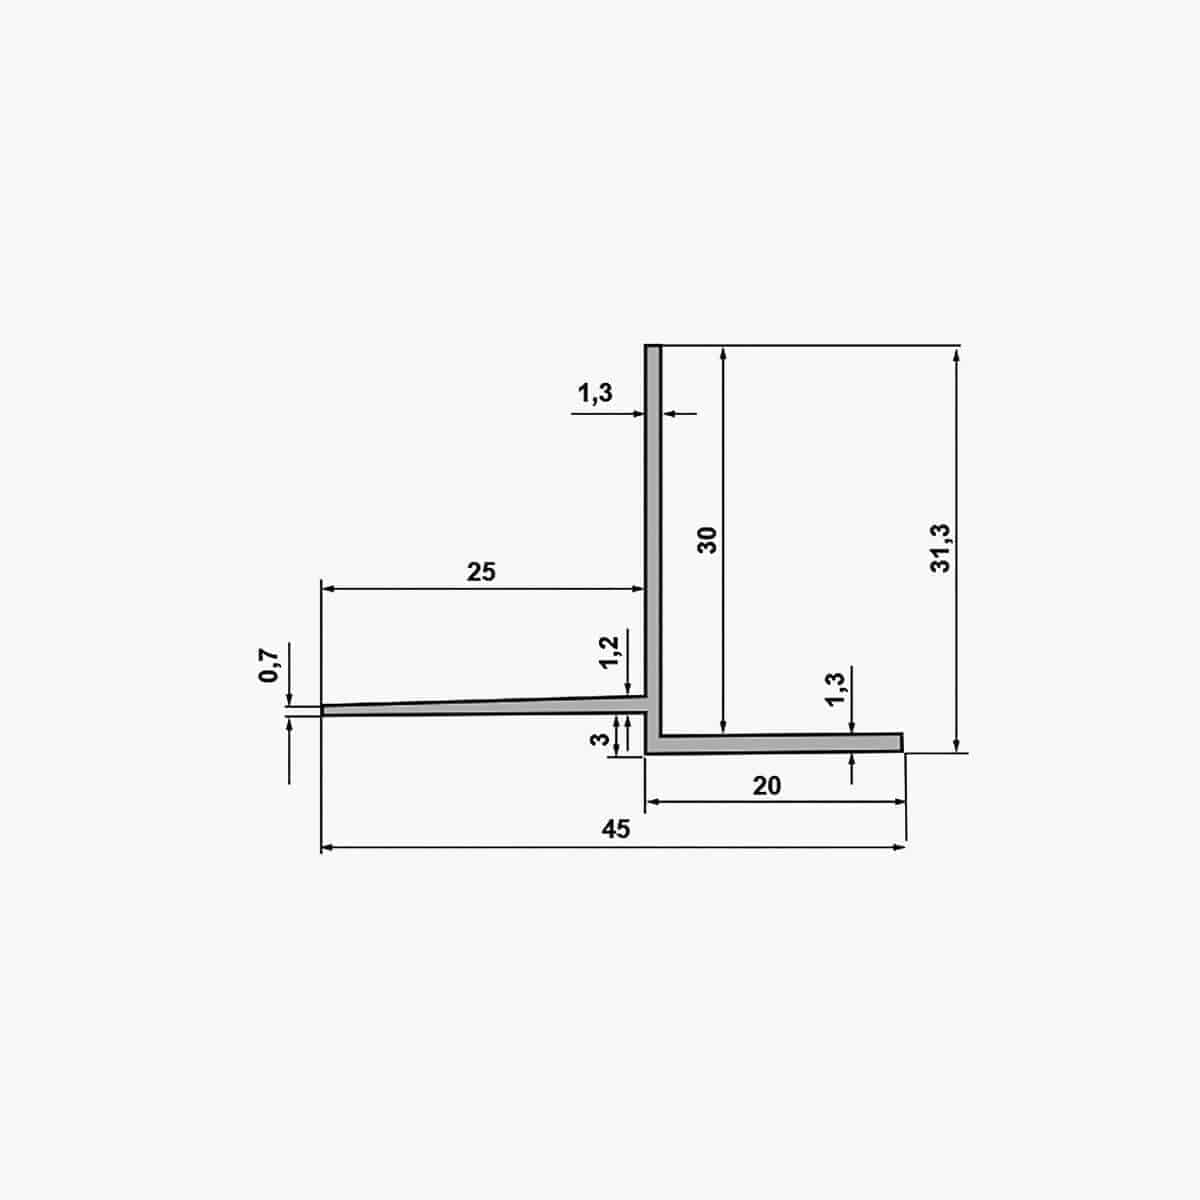 TEMPOLISTEL B105 Profilé de transition pour jonction faux plafond plaque de plâtre et démontable avec un coté à enduire dimensions